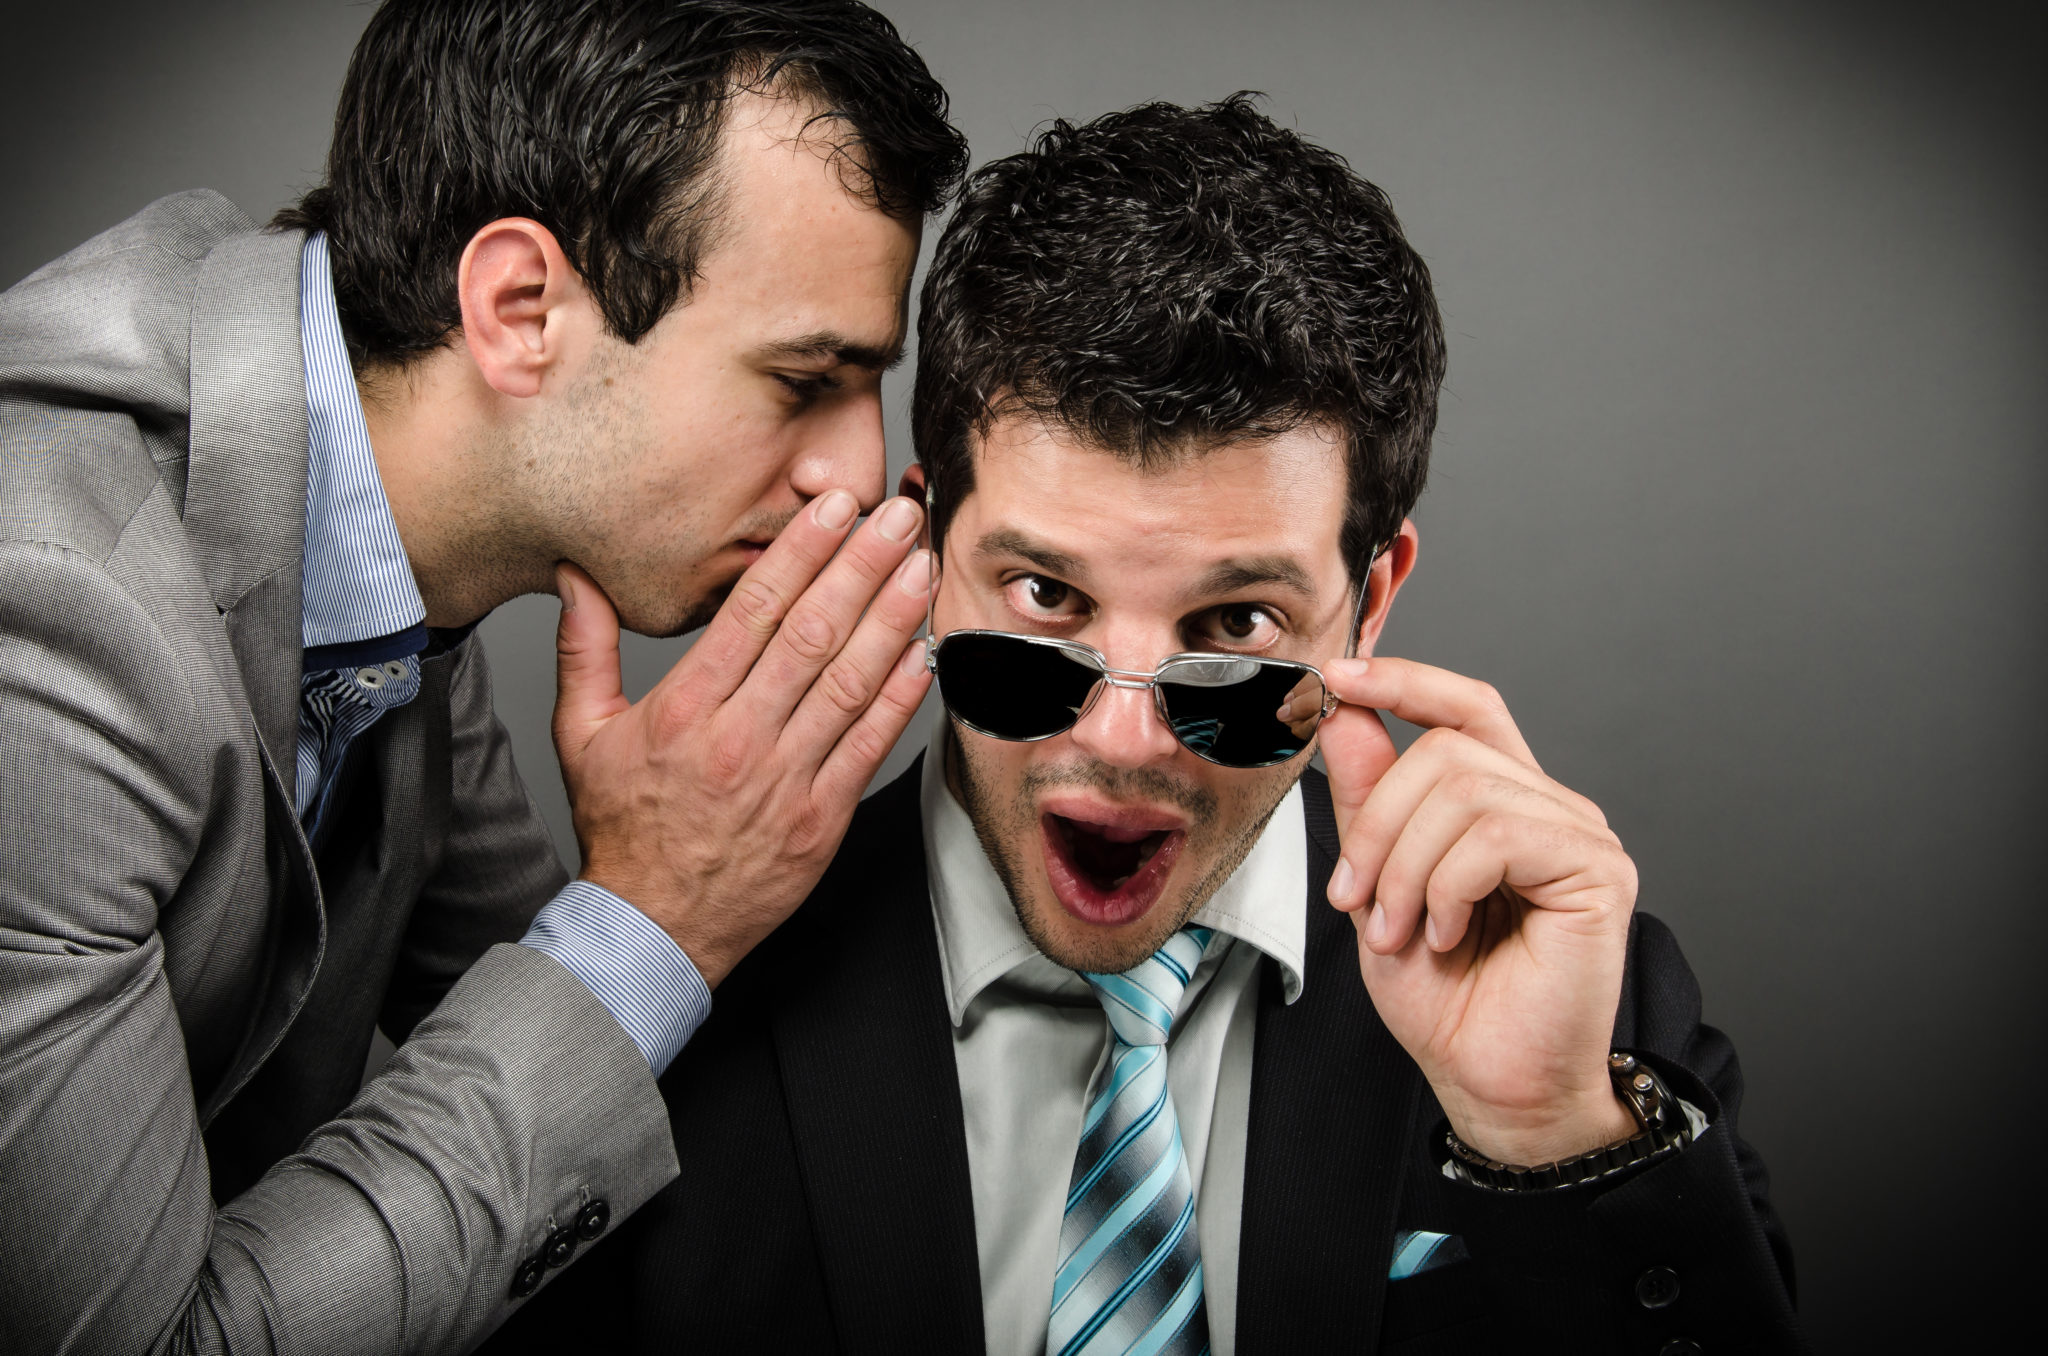 本当におすすめの転職エージェントは口コミをチェックして選ぼう!